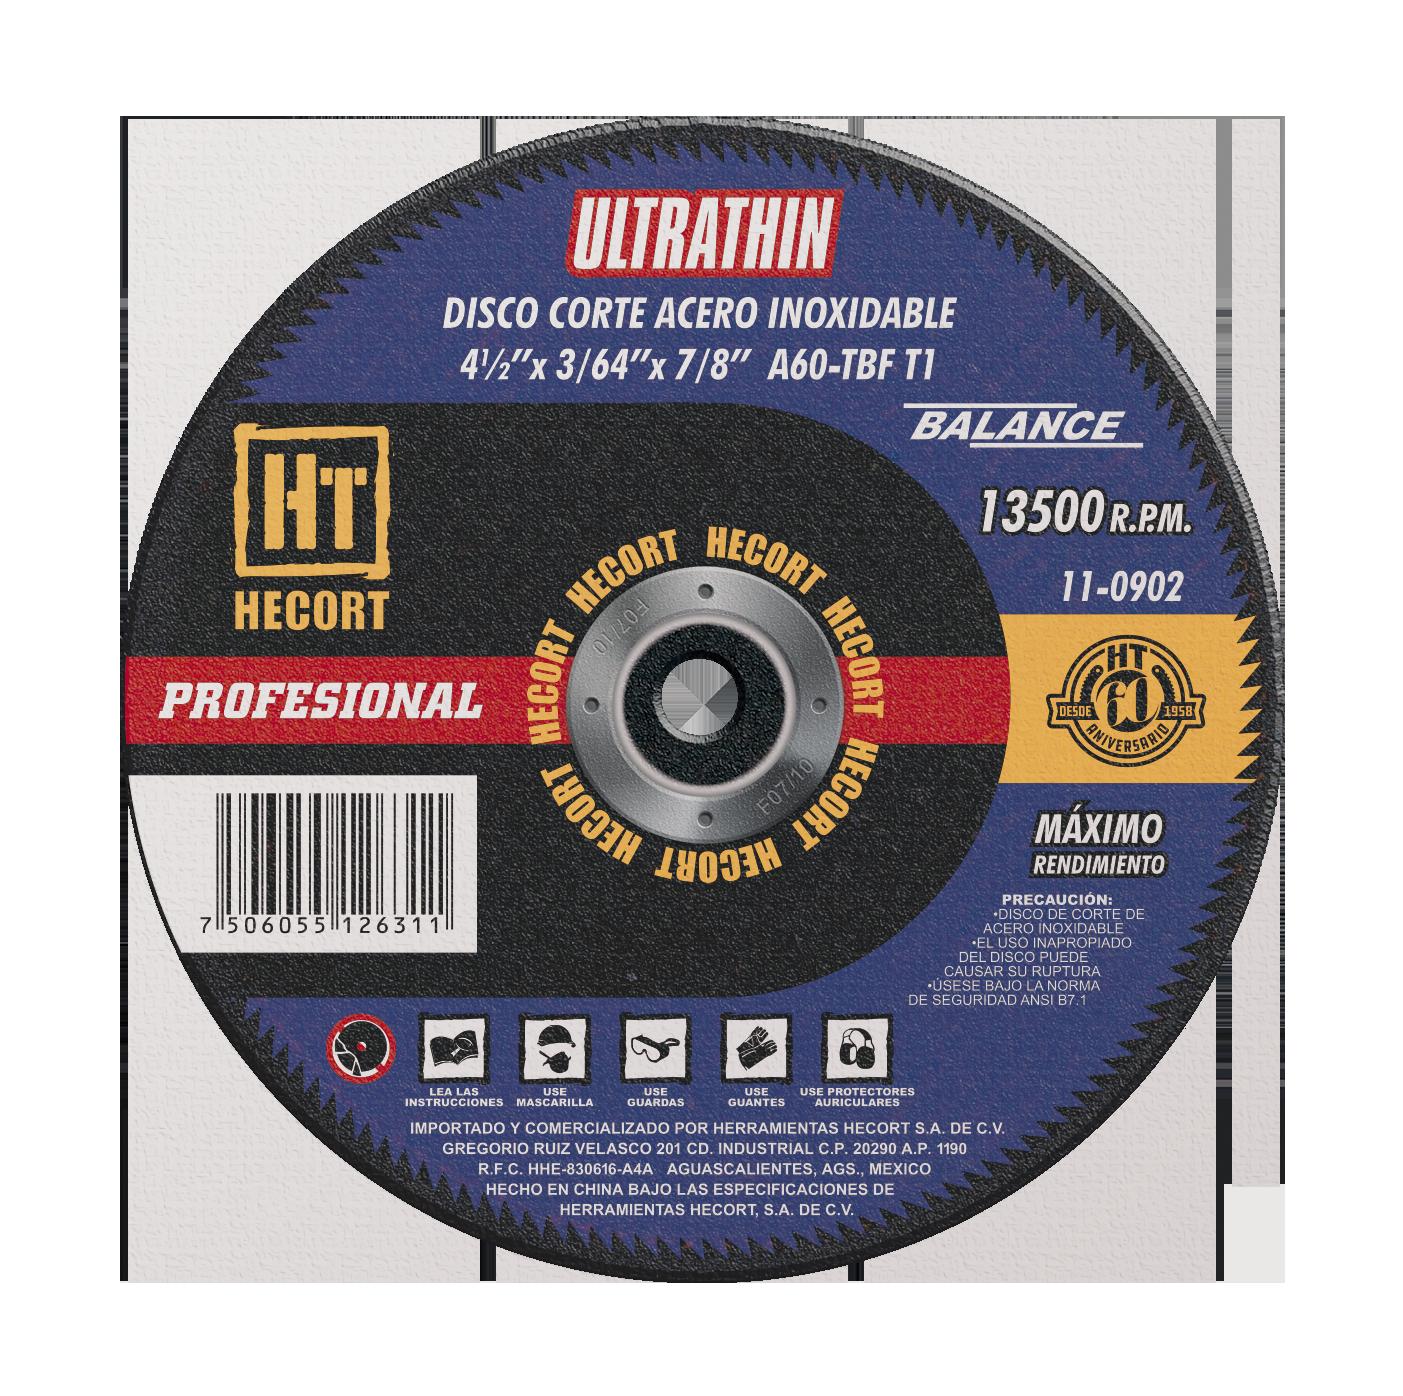 7506055126311-disco-abrasivo